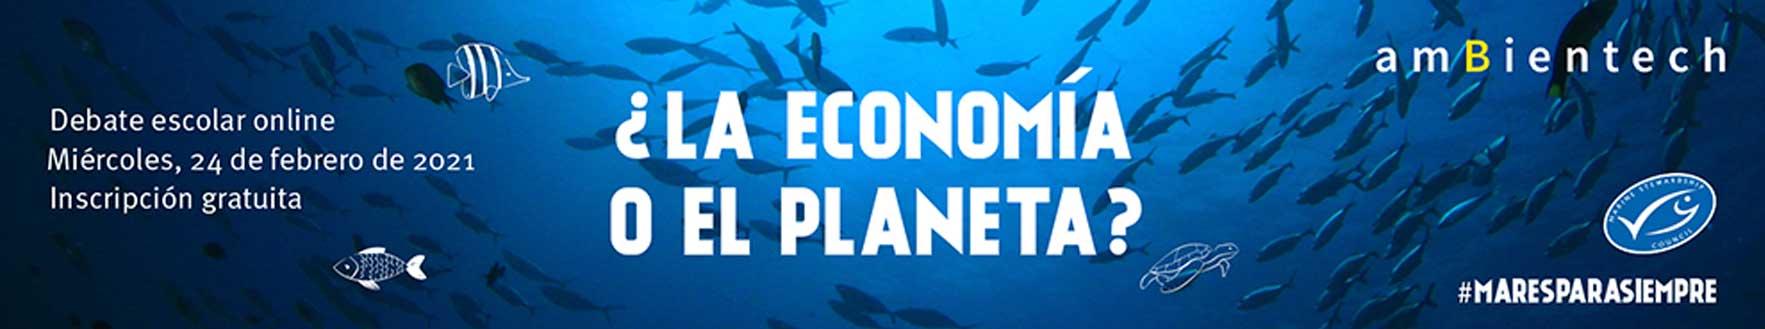 texto informativo sobre el debate escolar online titulado ¿la economía o el planeta? sobre una imagen del fondo marino con peces